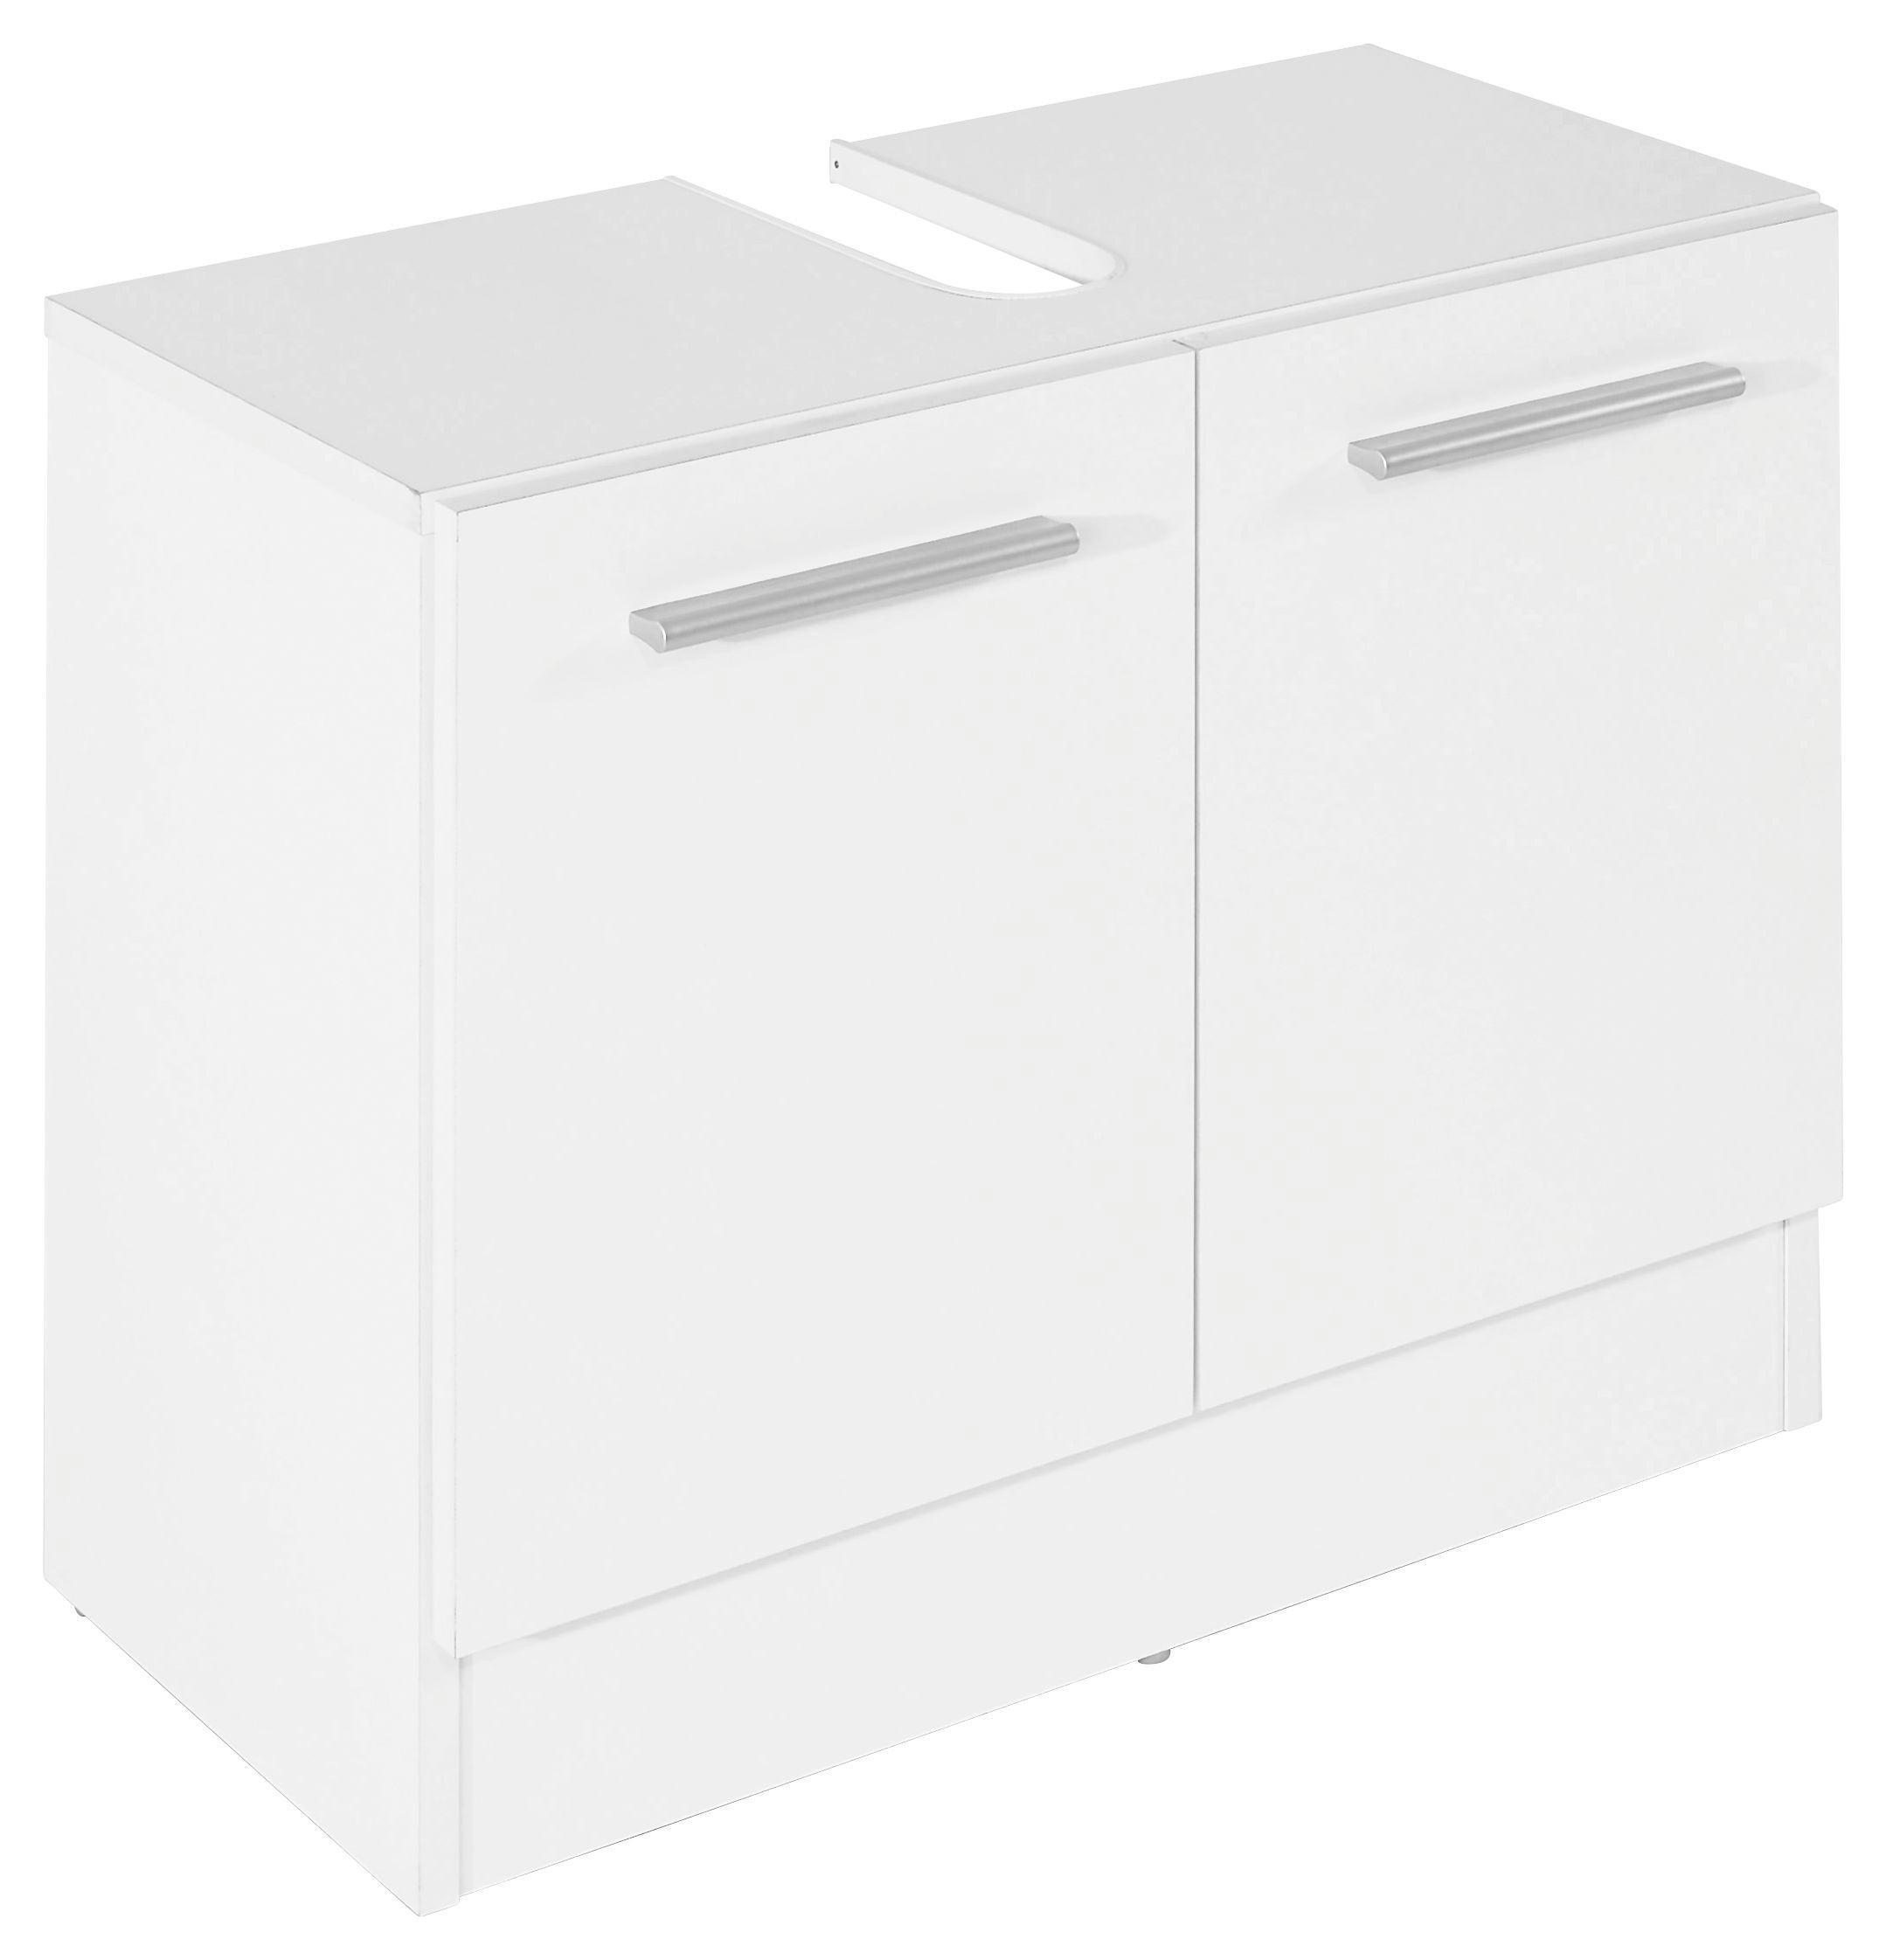 Spodní Skříňka Pod Umyvadlo Koleta - bílá, Konvenční, dřevo (65/54/33cm)